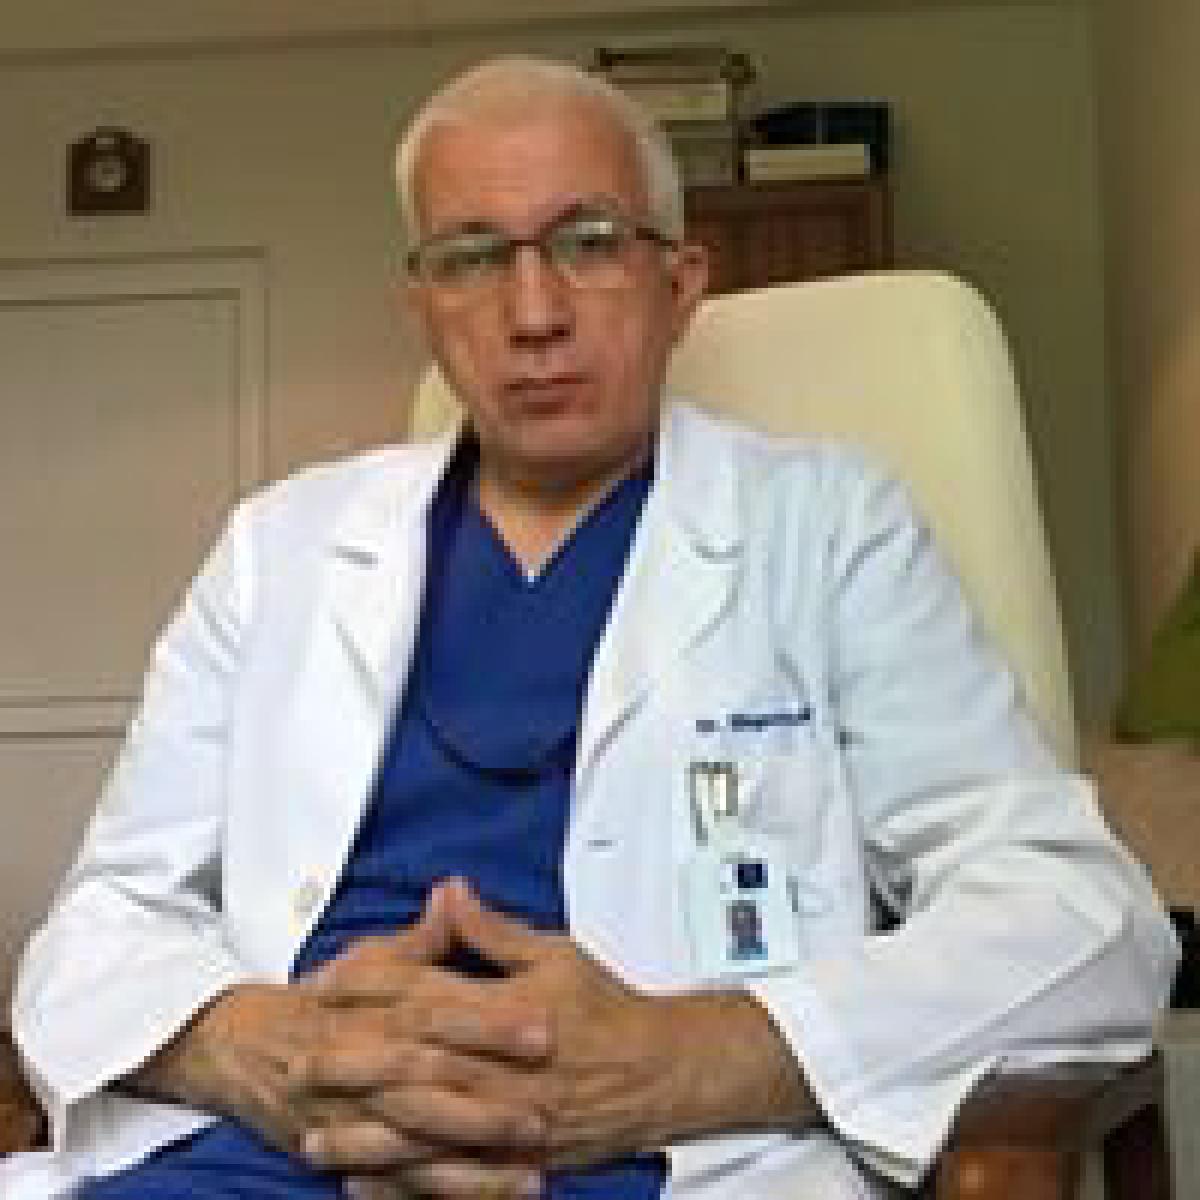 Dr. Dorin Sîngeorzan